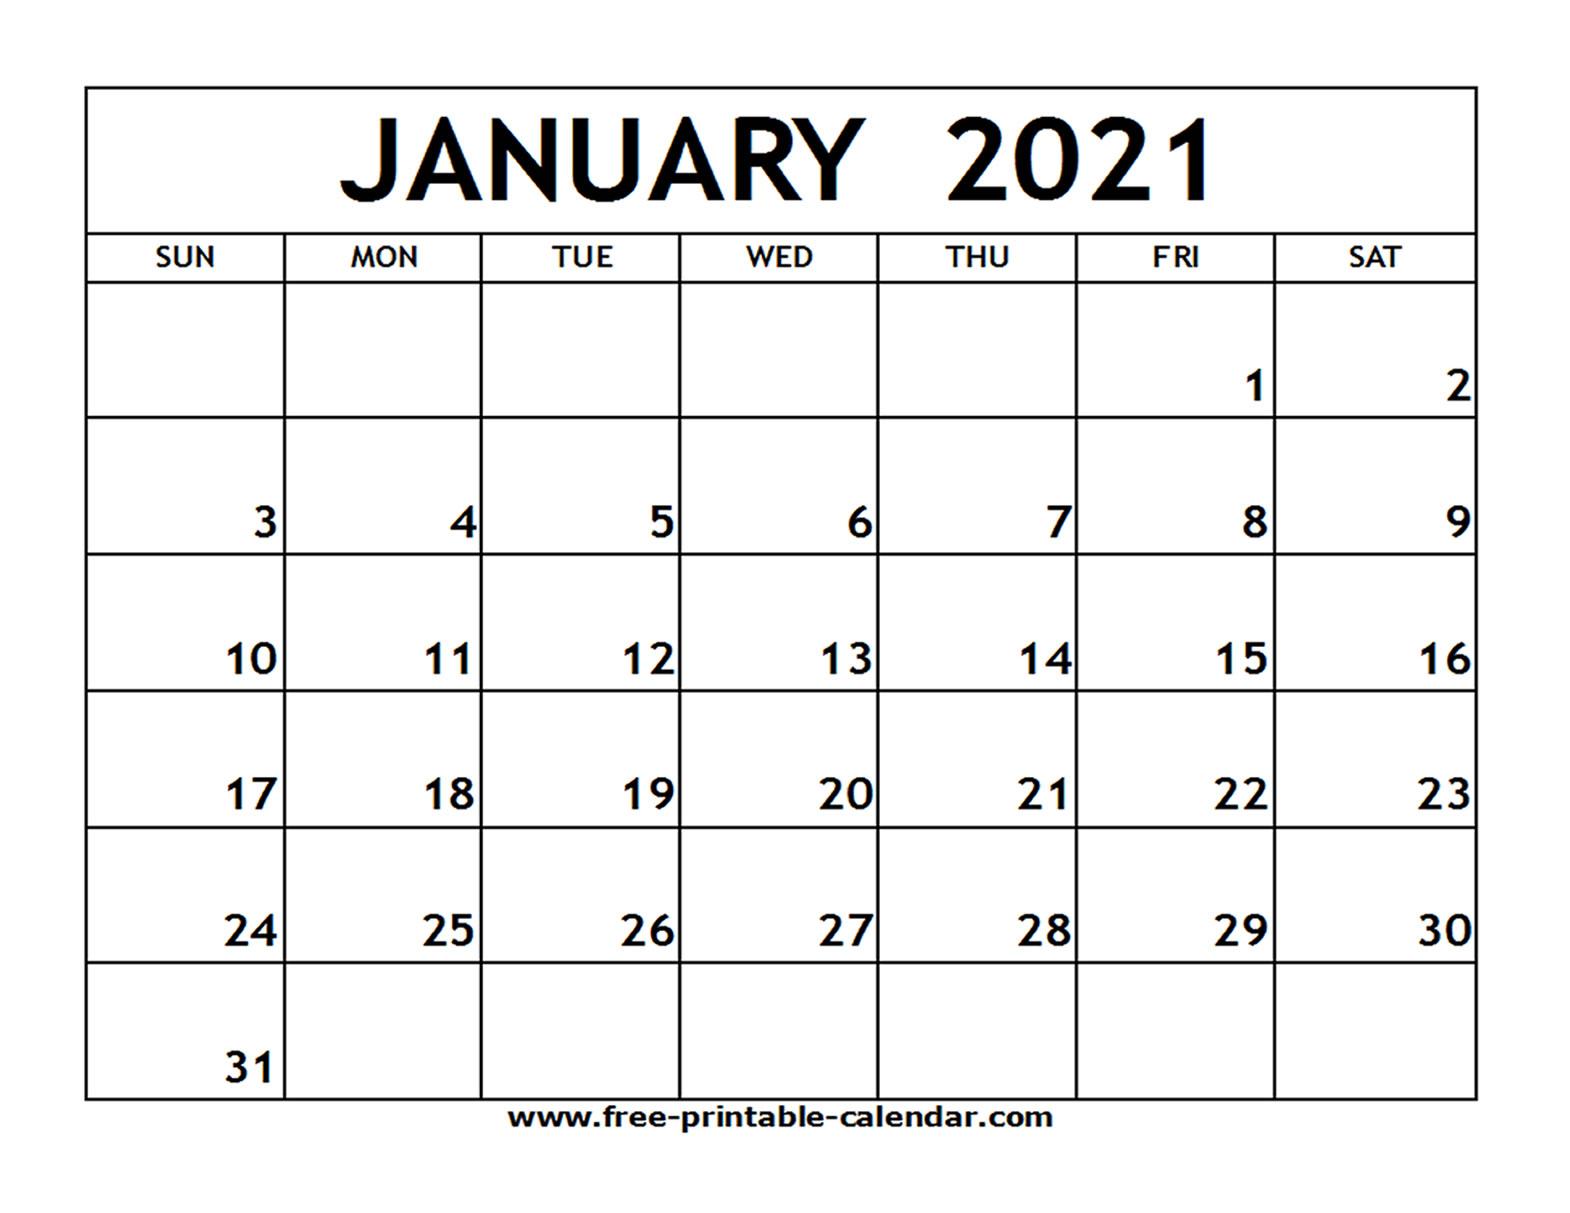 January 2021 Printable Calendar - Free-Printable-Calendar with regard to Fill In Calendar 2021 Printable